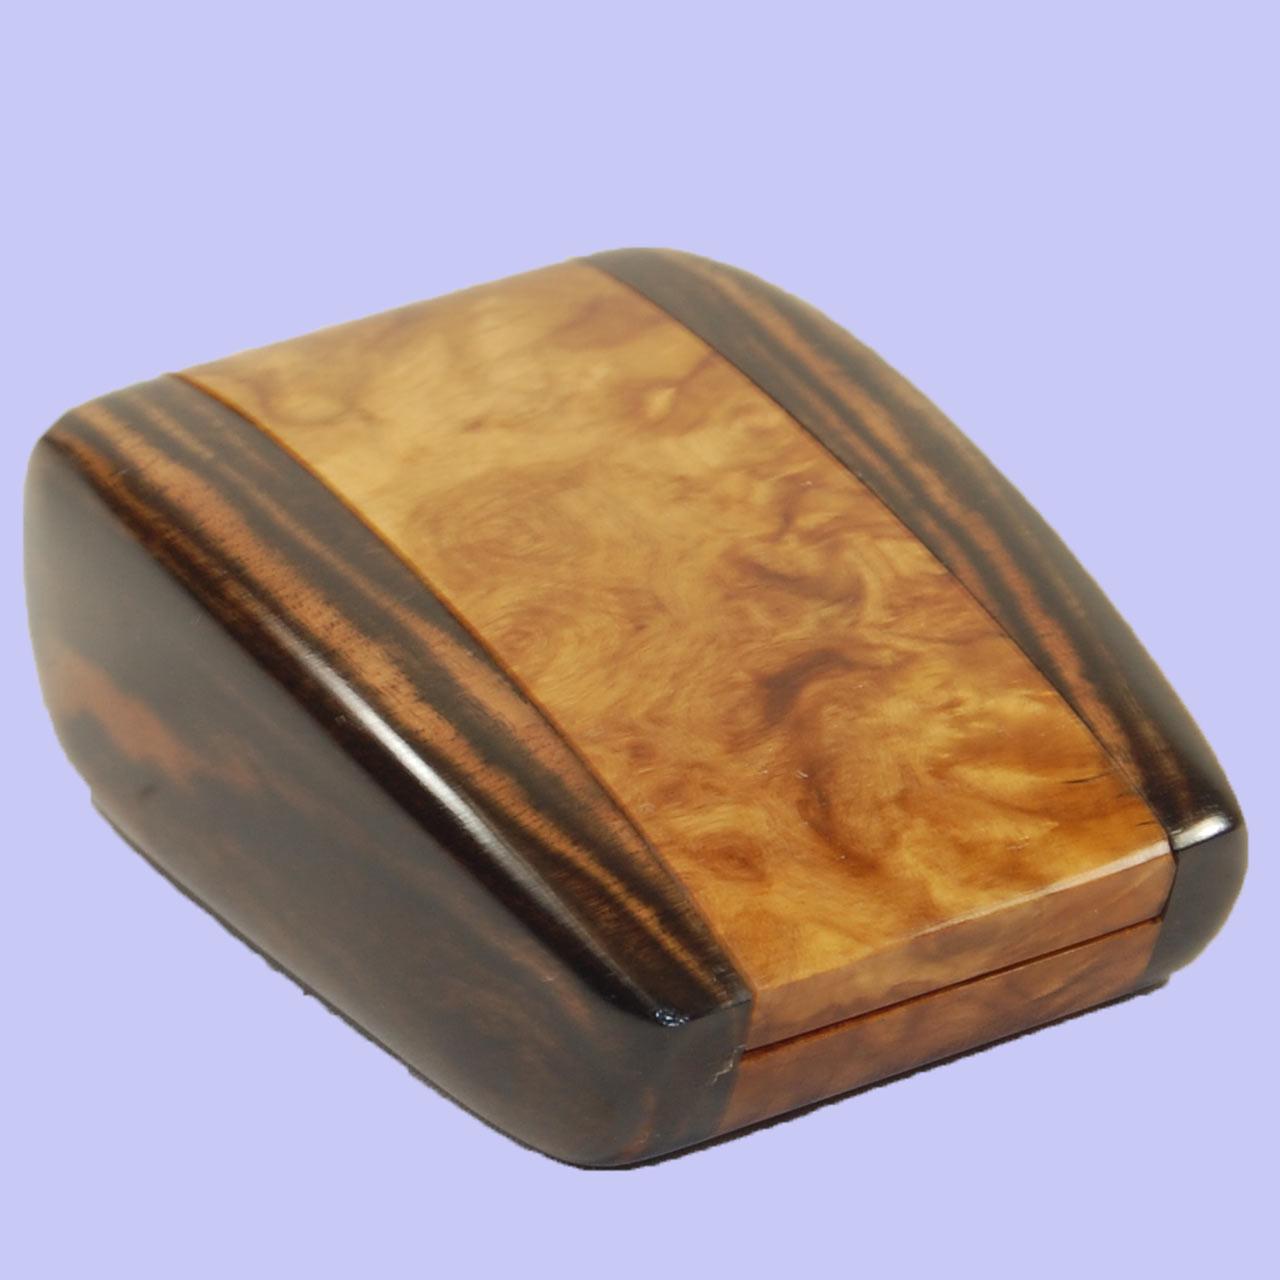 Australian Wooden Jewellery Box For Rings Wooden Jewellery